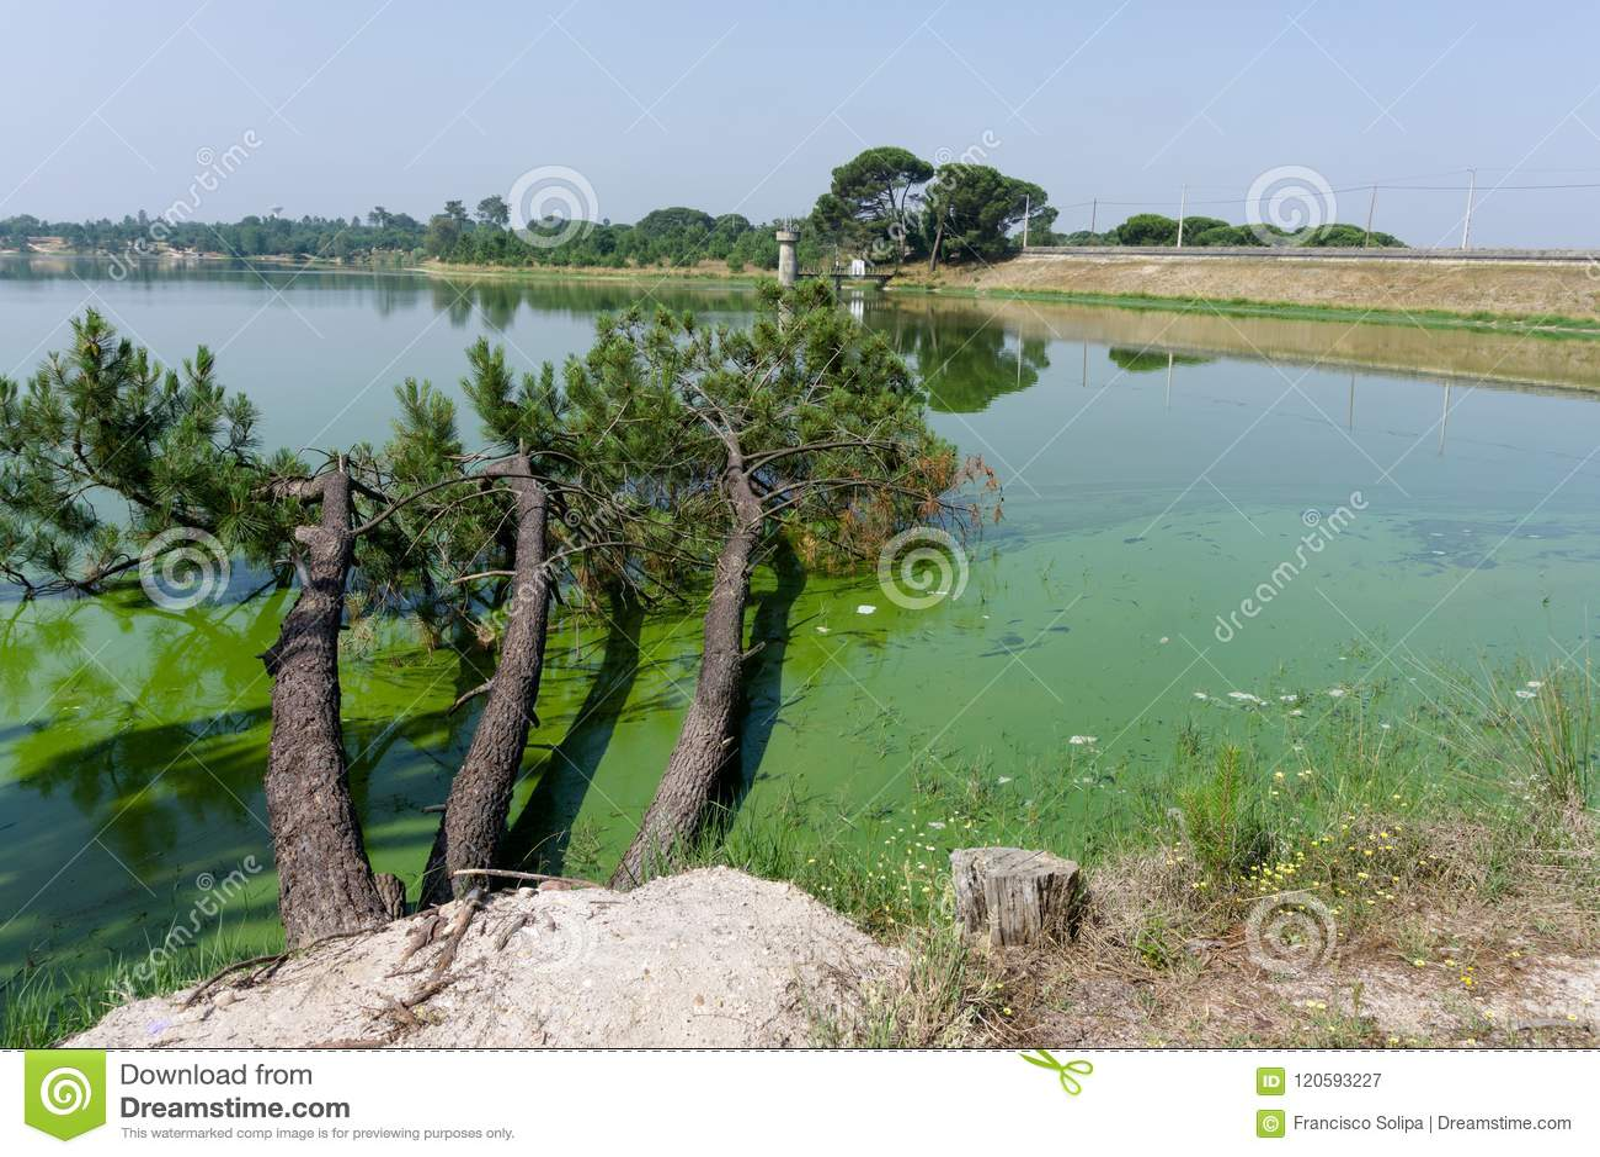 Árboles caidos en el lago; en Barragem de Magos, Salvaterra, vire hacia el lado de babor